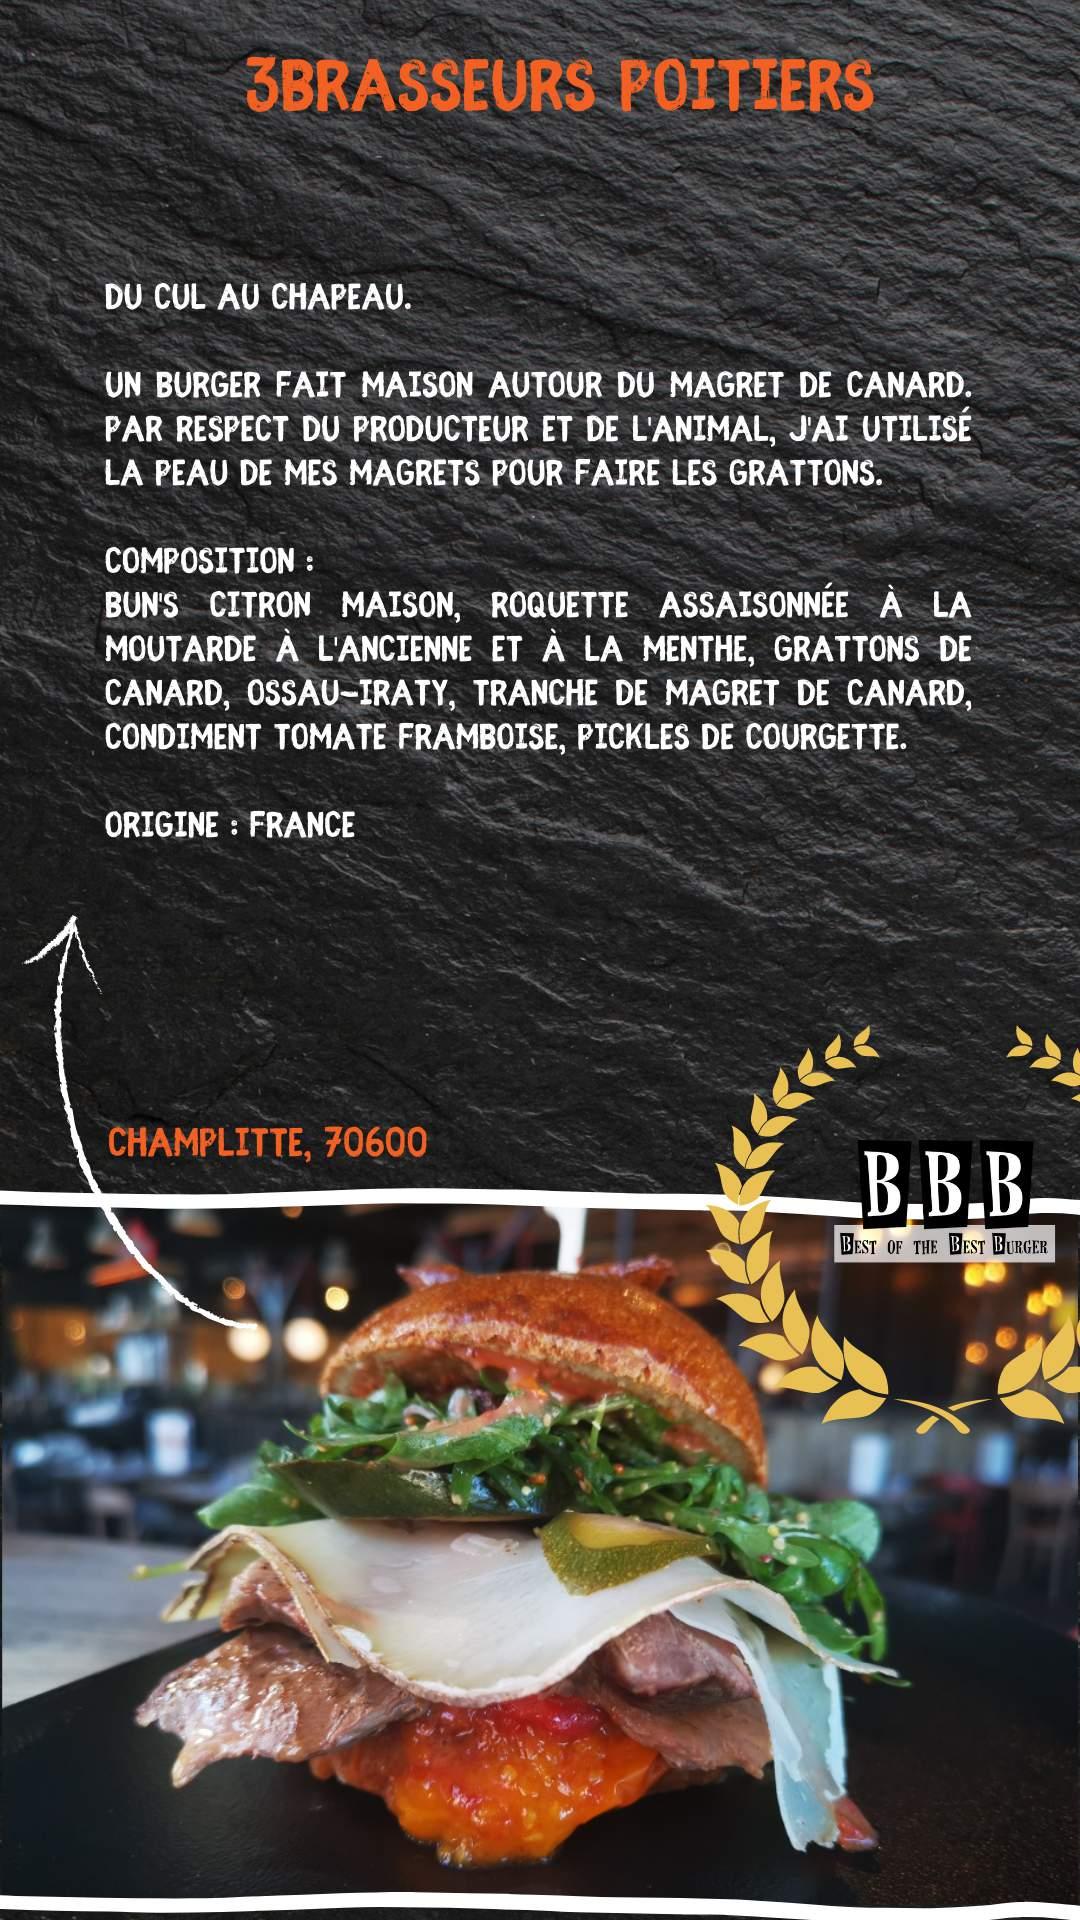 Les 3 Brasseurs Poitiers